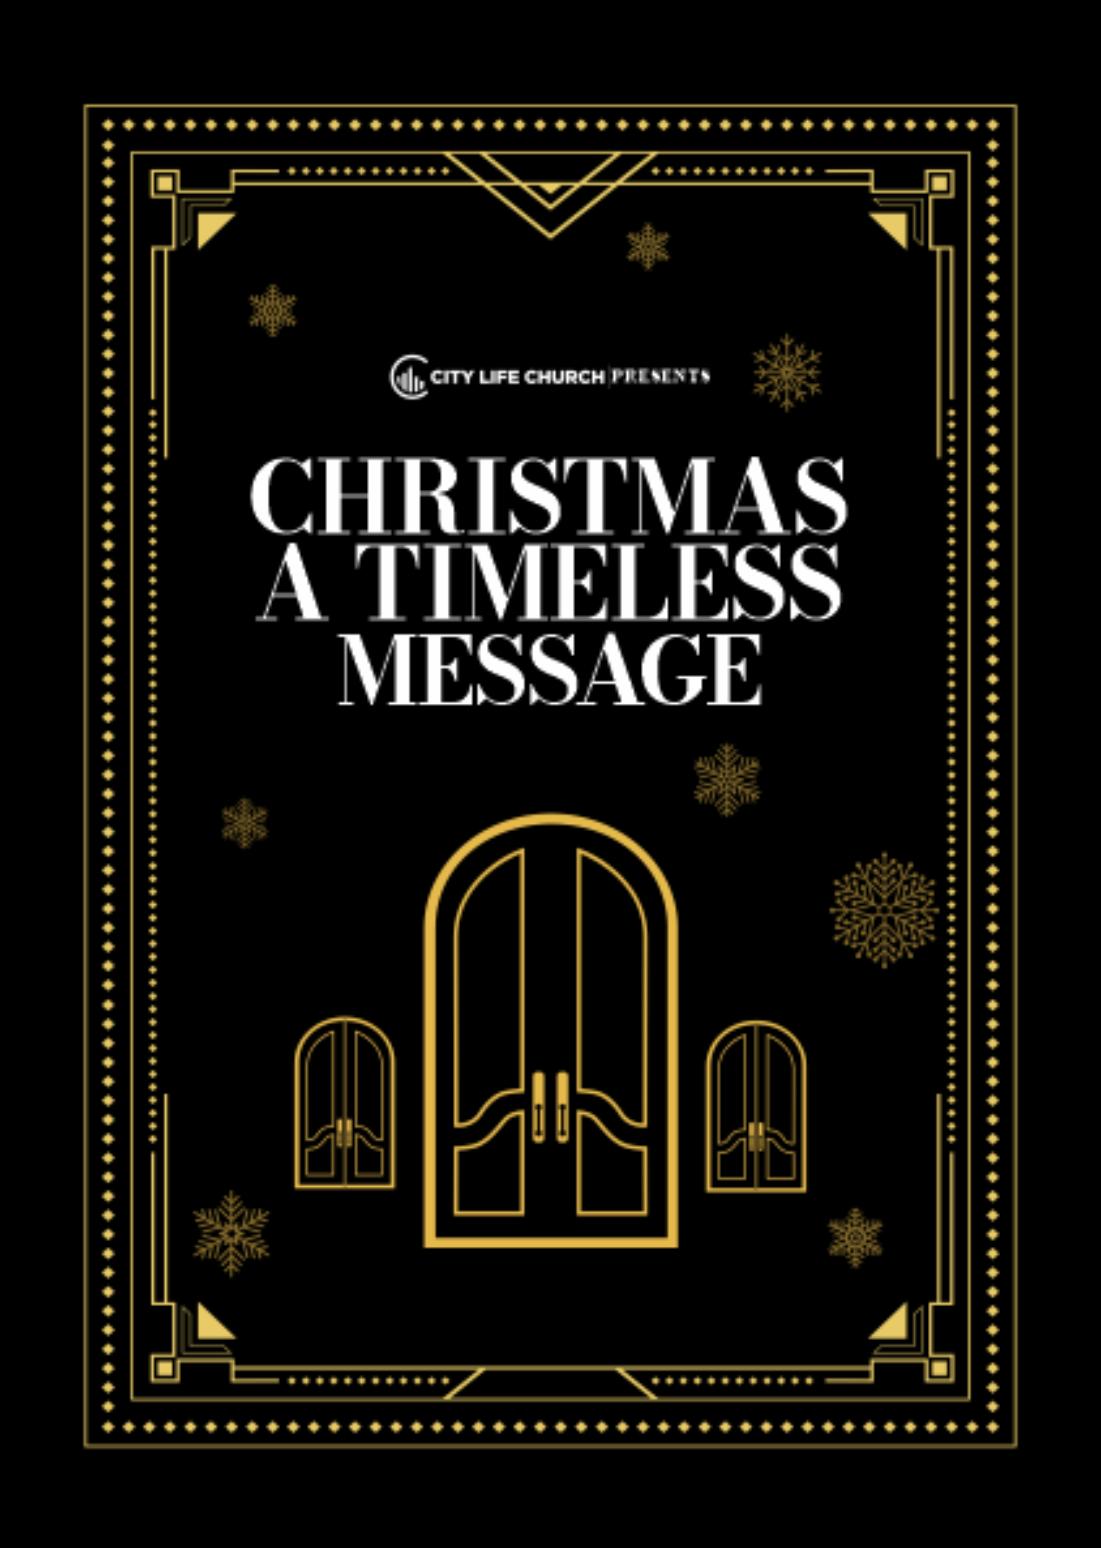 Kerst bij de City Life Church